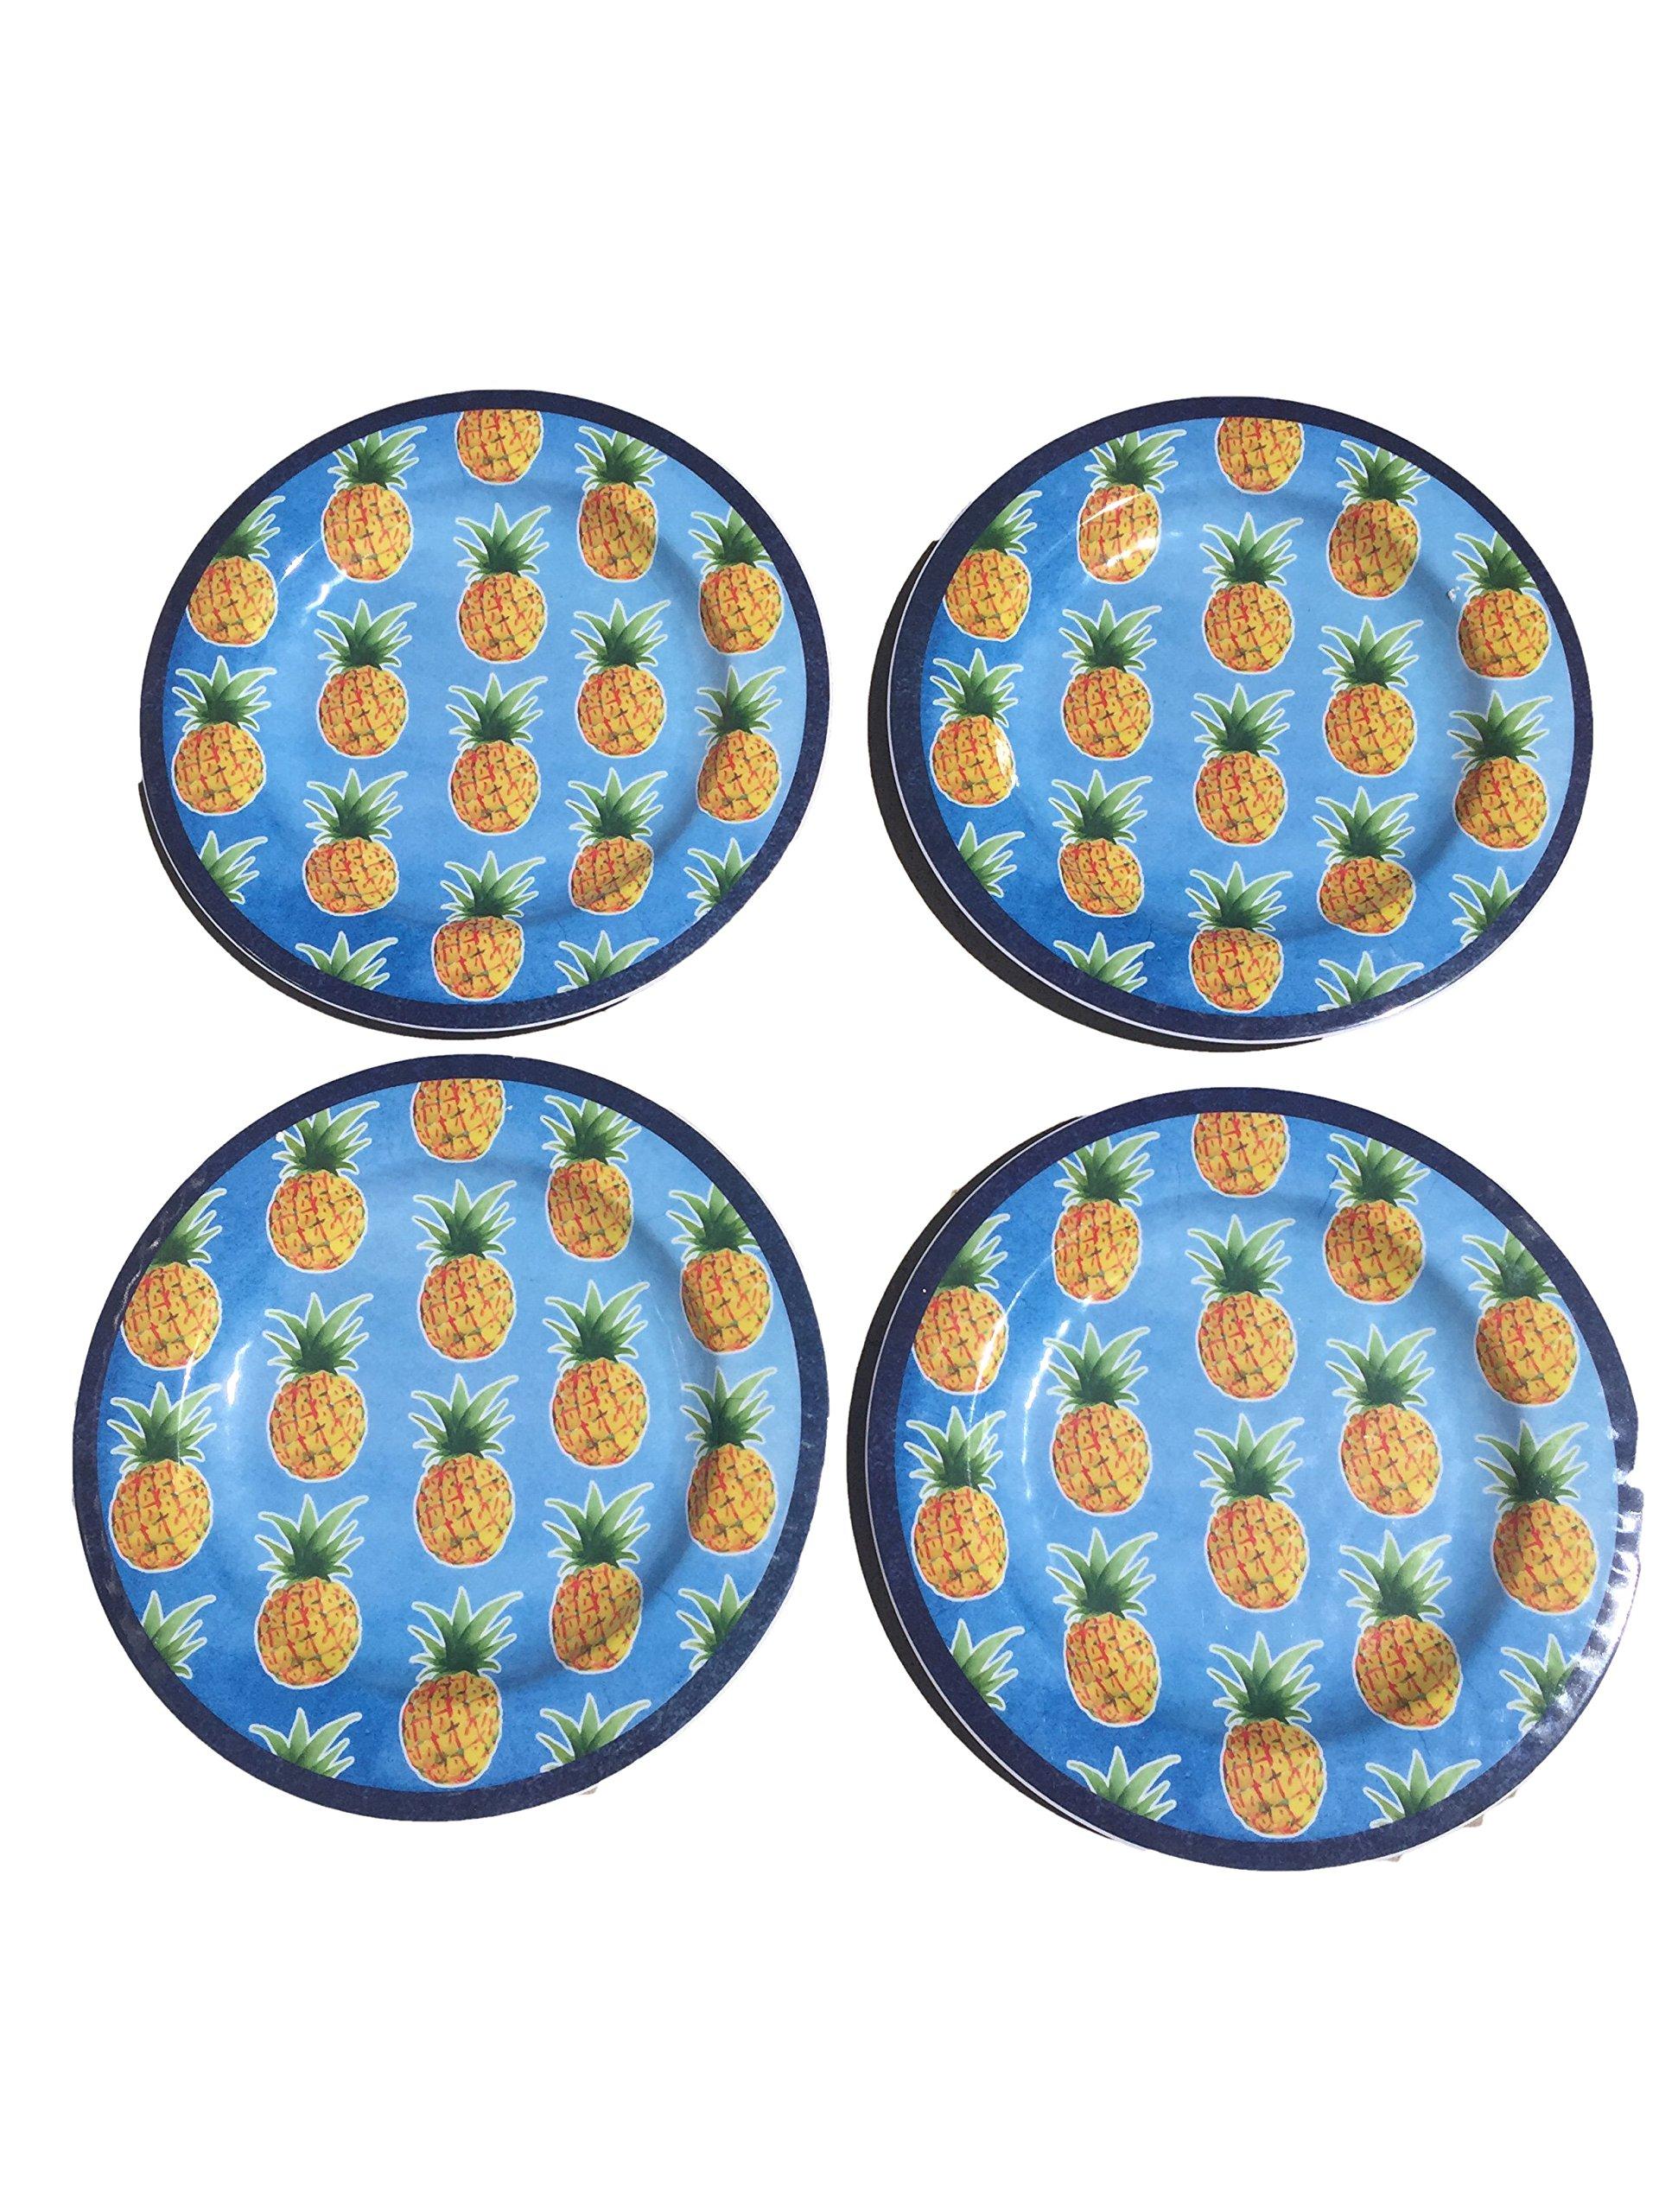 Summer Melamine Plate Set of 4 (Pineapple)